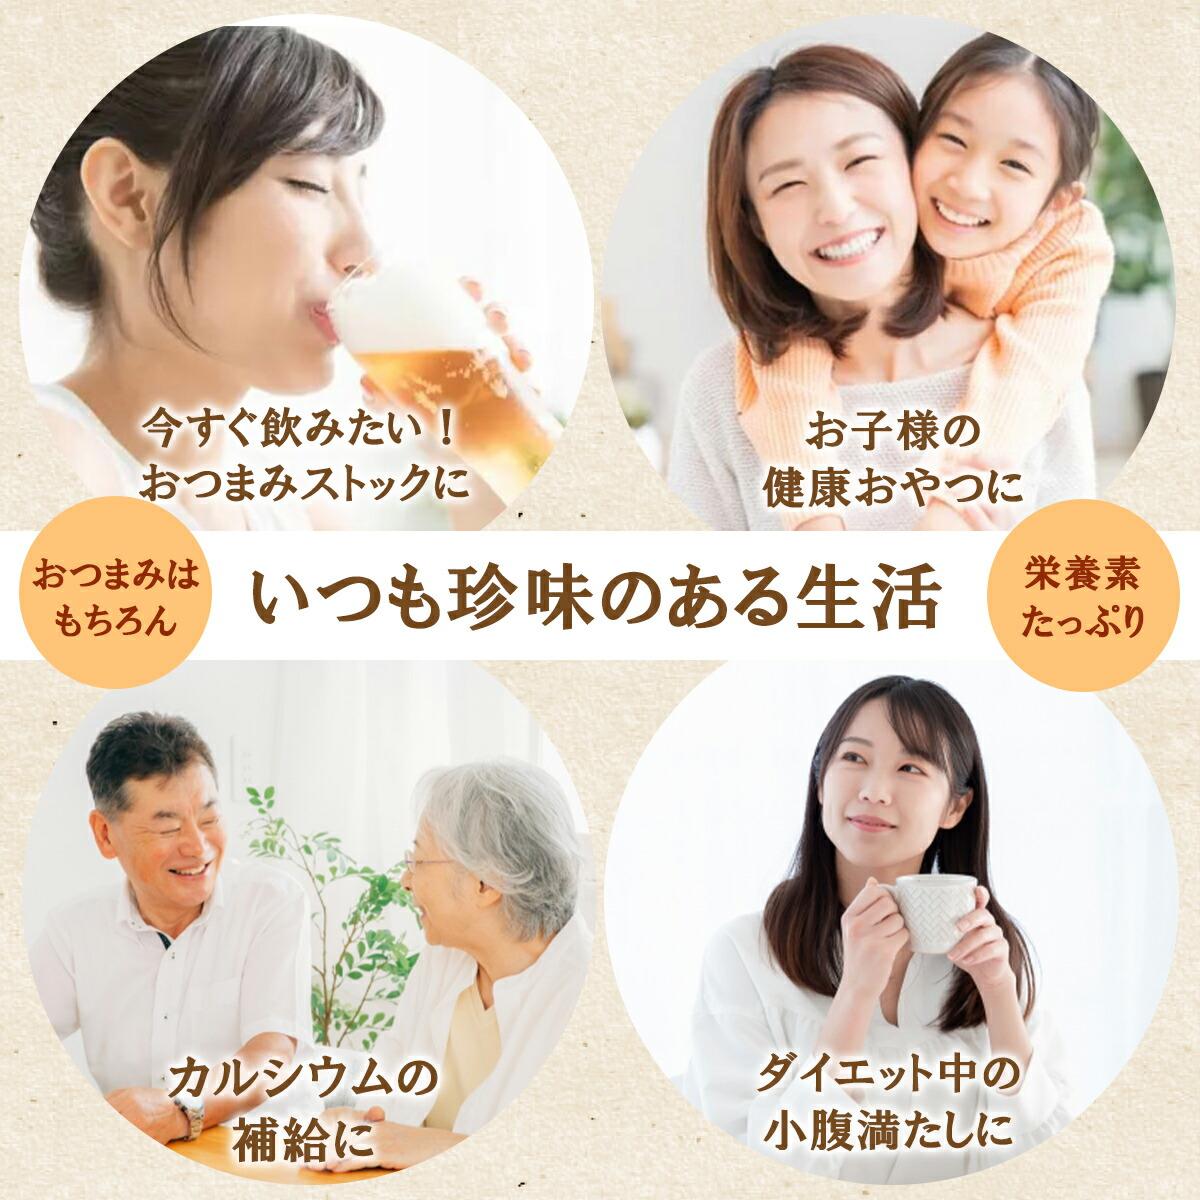 ただいま〜ビール冷えてる?